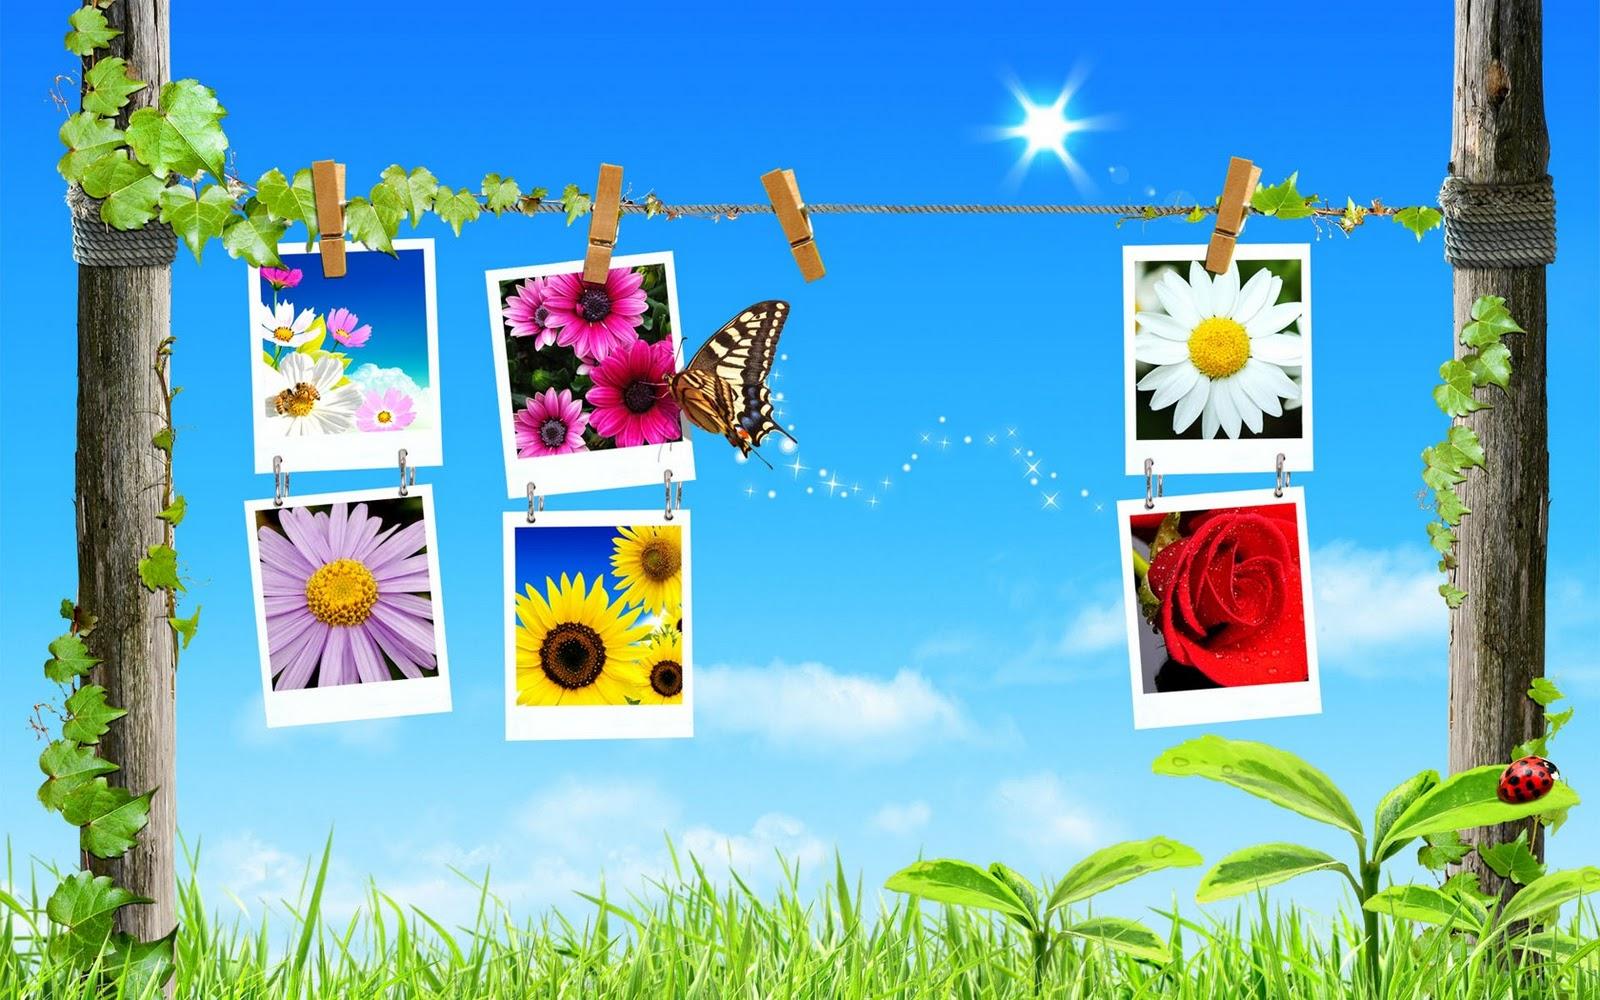 lente achtergronden hd - photo #14